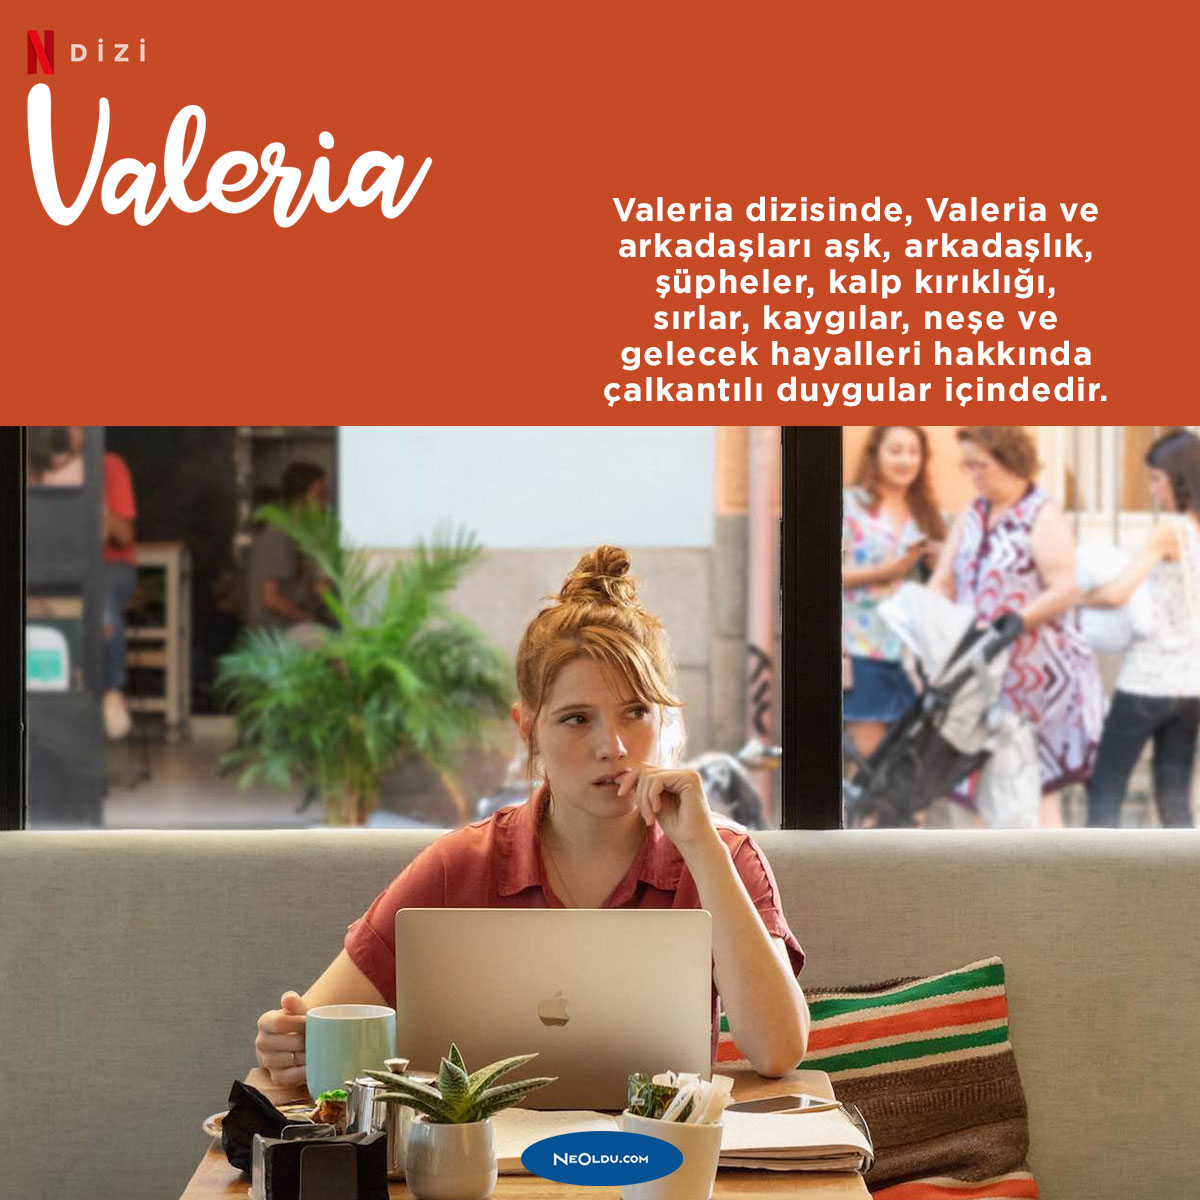 valeria-dizisi-izleyici-yorumlari.jpg